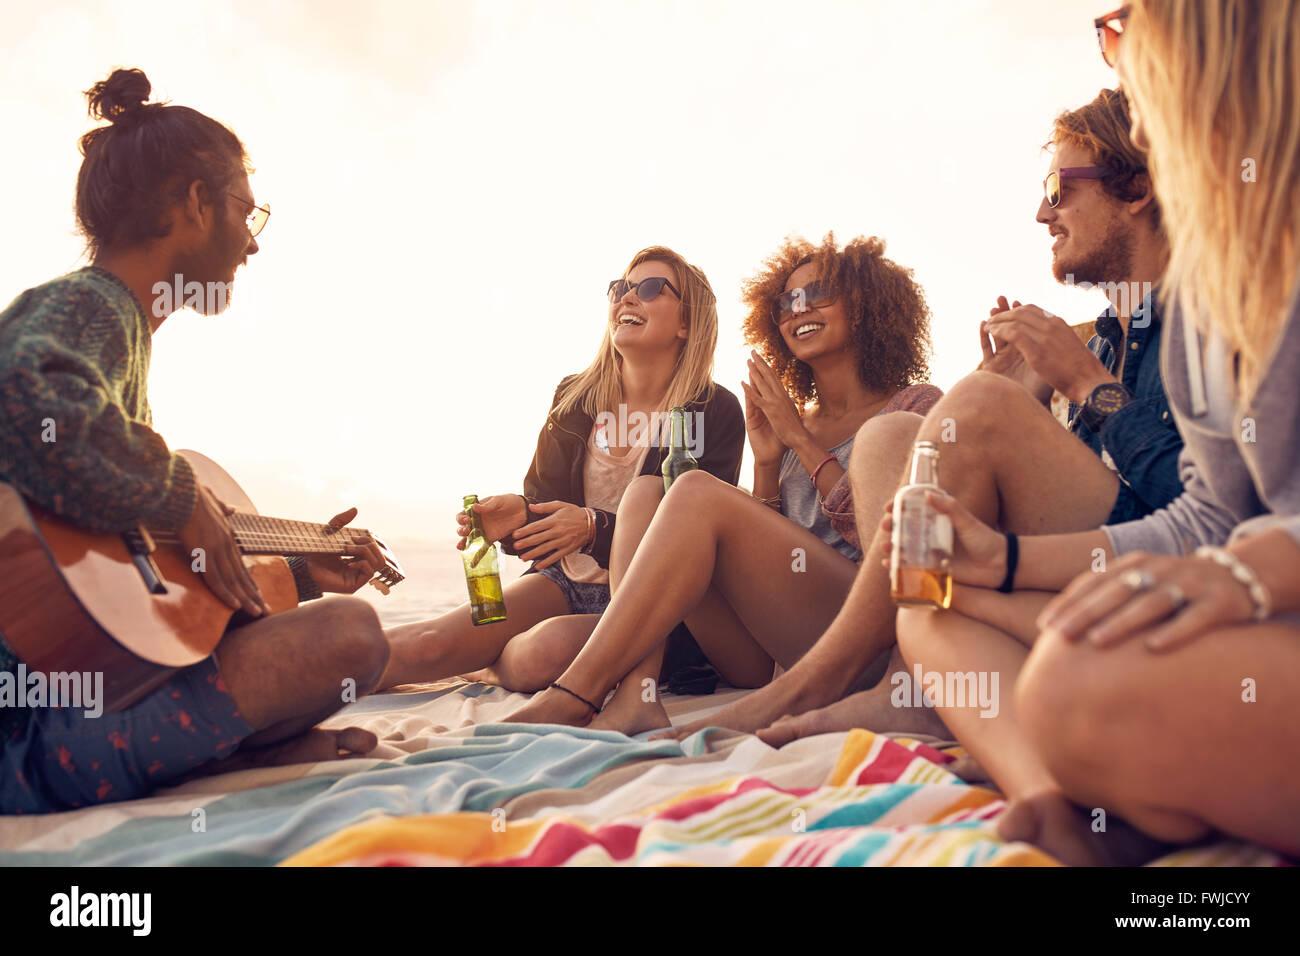 Glücklich Hipster, entspannen und spielen Gitarre am Strand. Freunde, trinken Bier und Musik hören. Spaß Stockbild